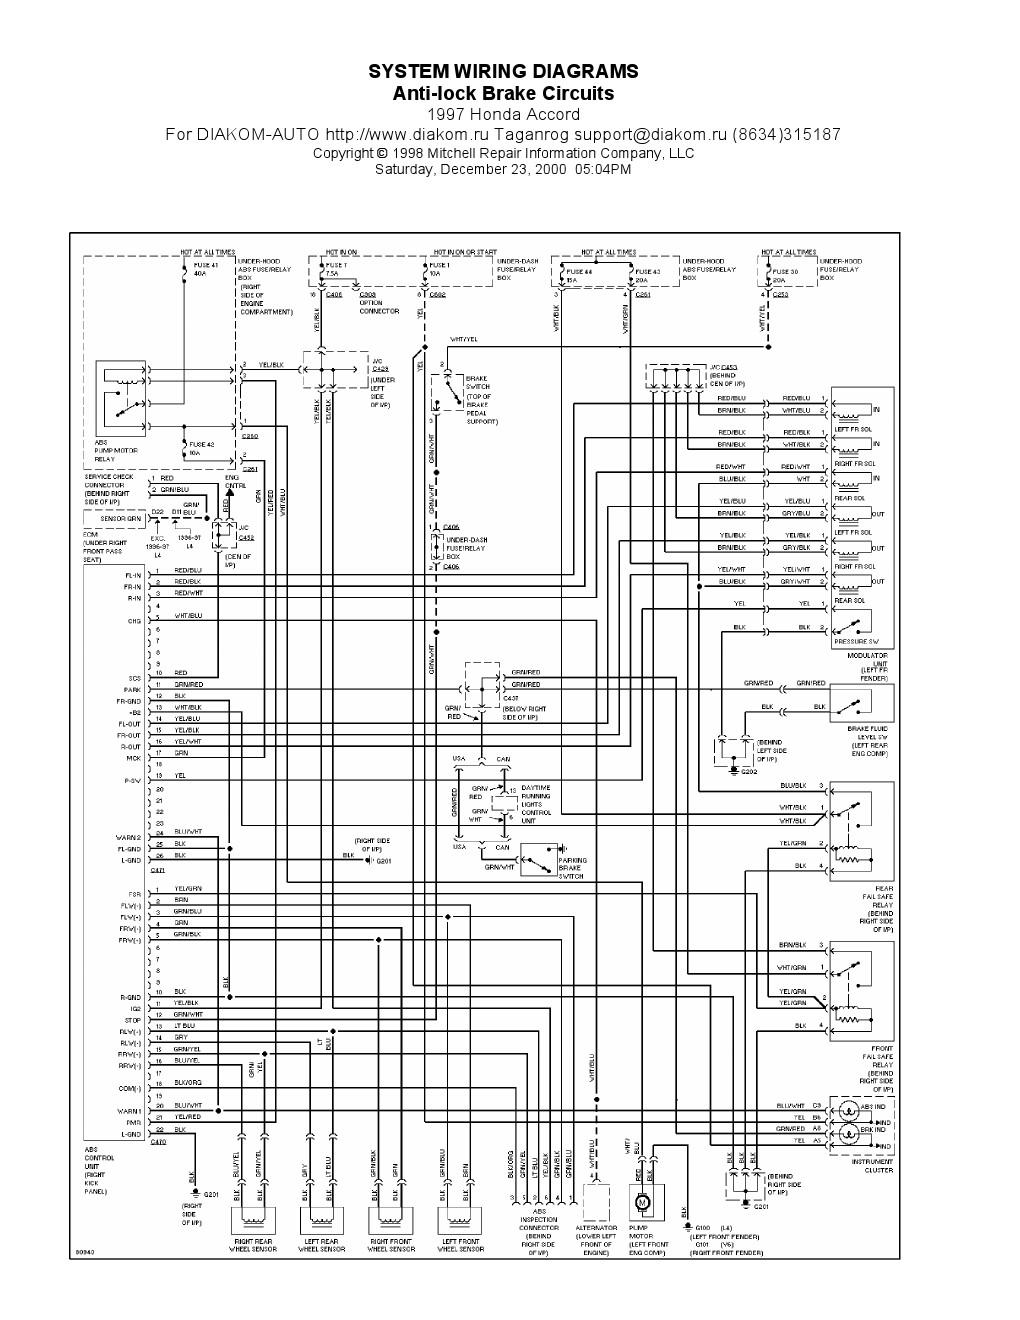 xi fuse box diagram 1991 fuel tank sending unit diagram